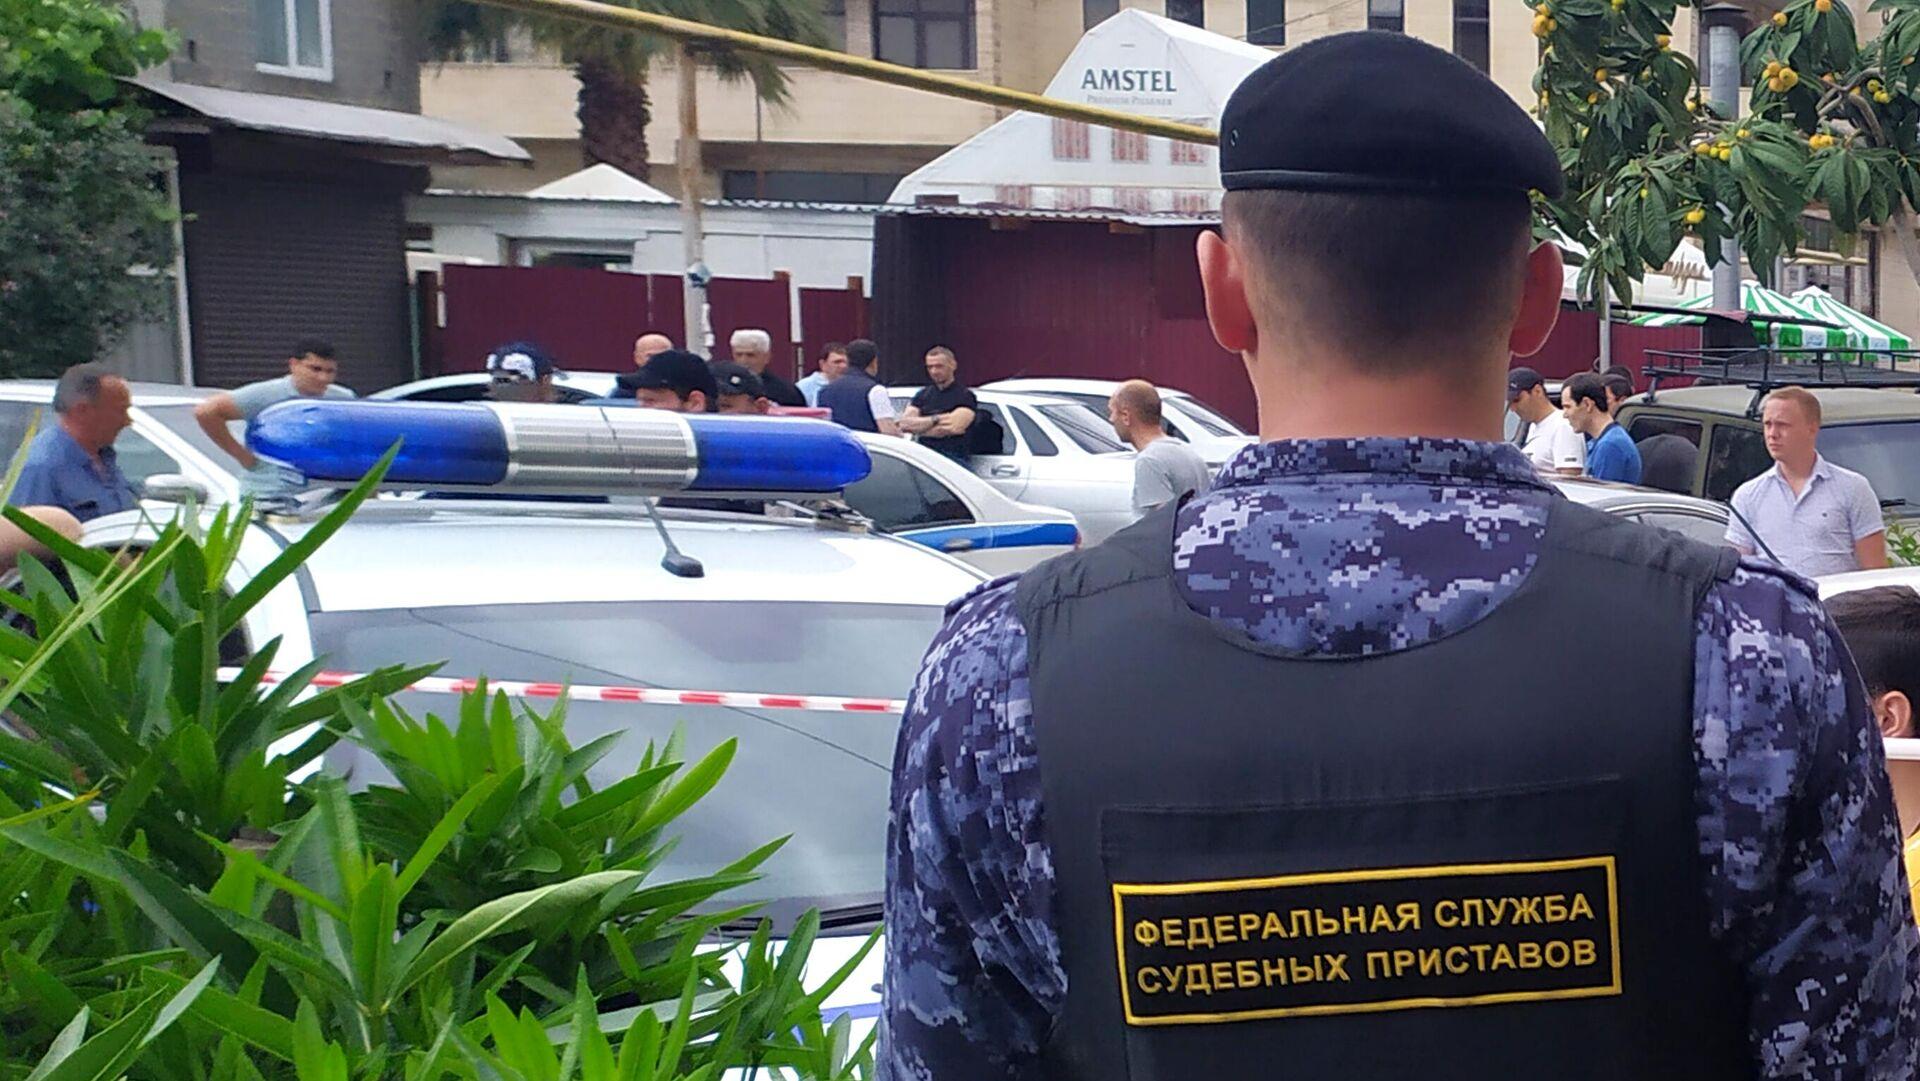 Сотрудник ФССП на месте убийства судебных приставов в Адлере - РИА Новости, 1920, 09.06.2021